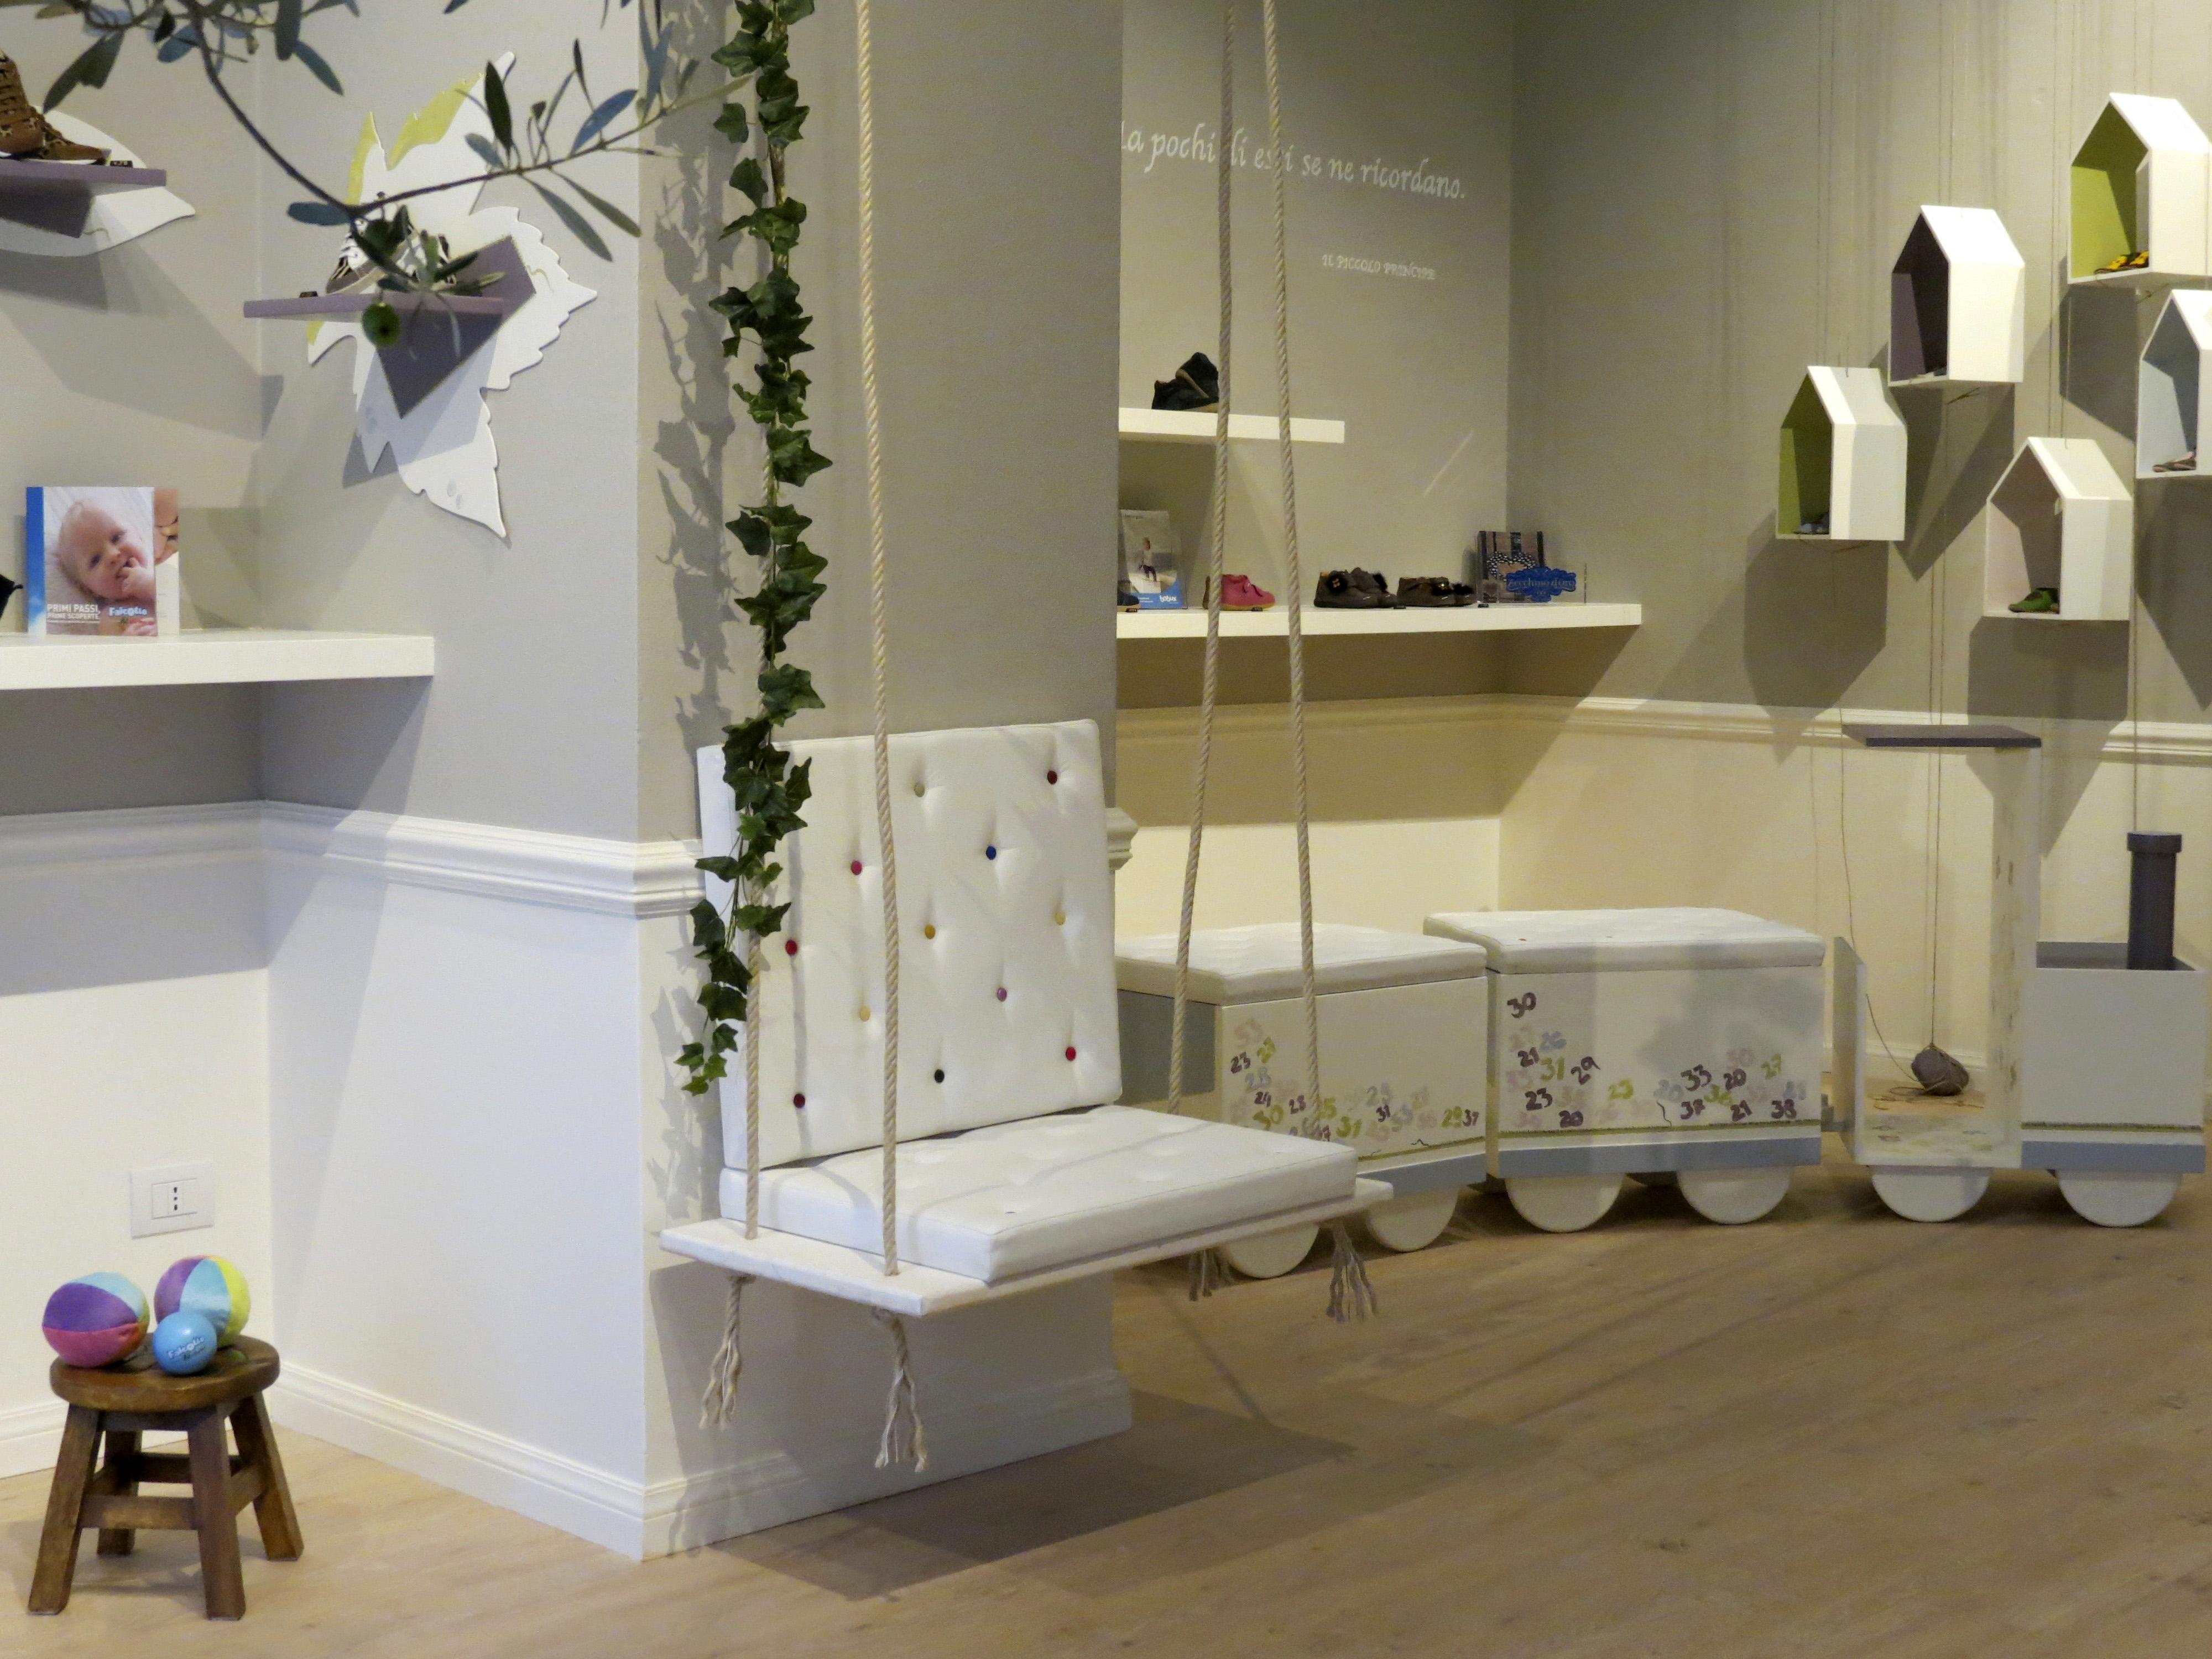 online retailer 03143 44e13 Negozio di scarpe per bambini | INSTUDIO